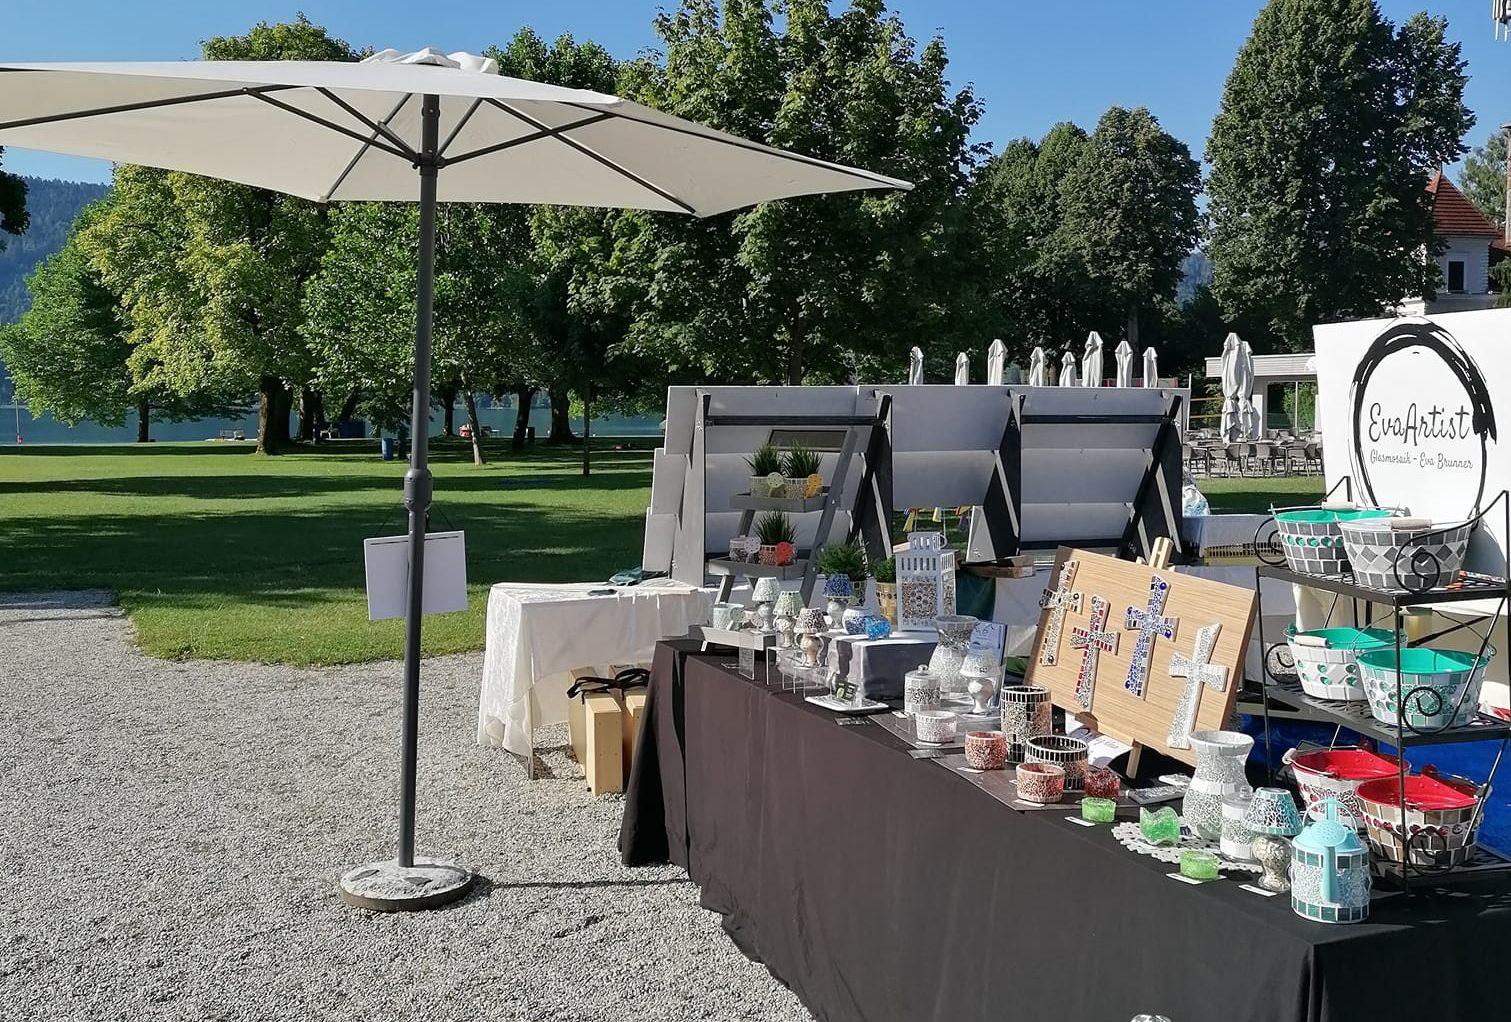 20. August 2020: Letztes Mal im Parkbad Krumpendorf